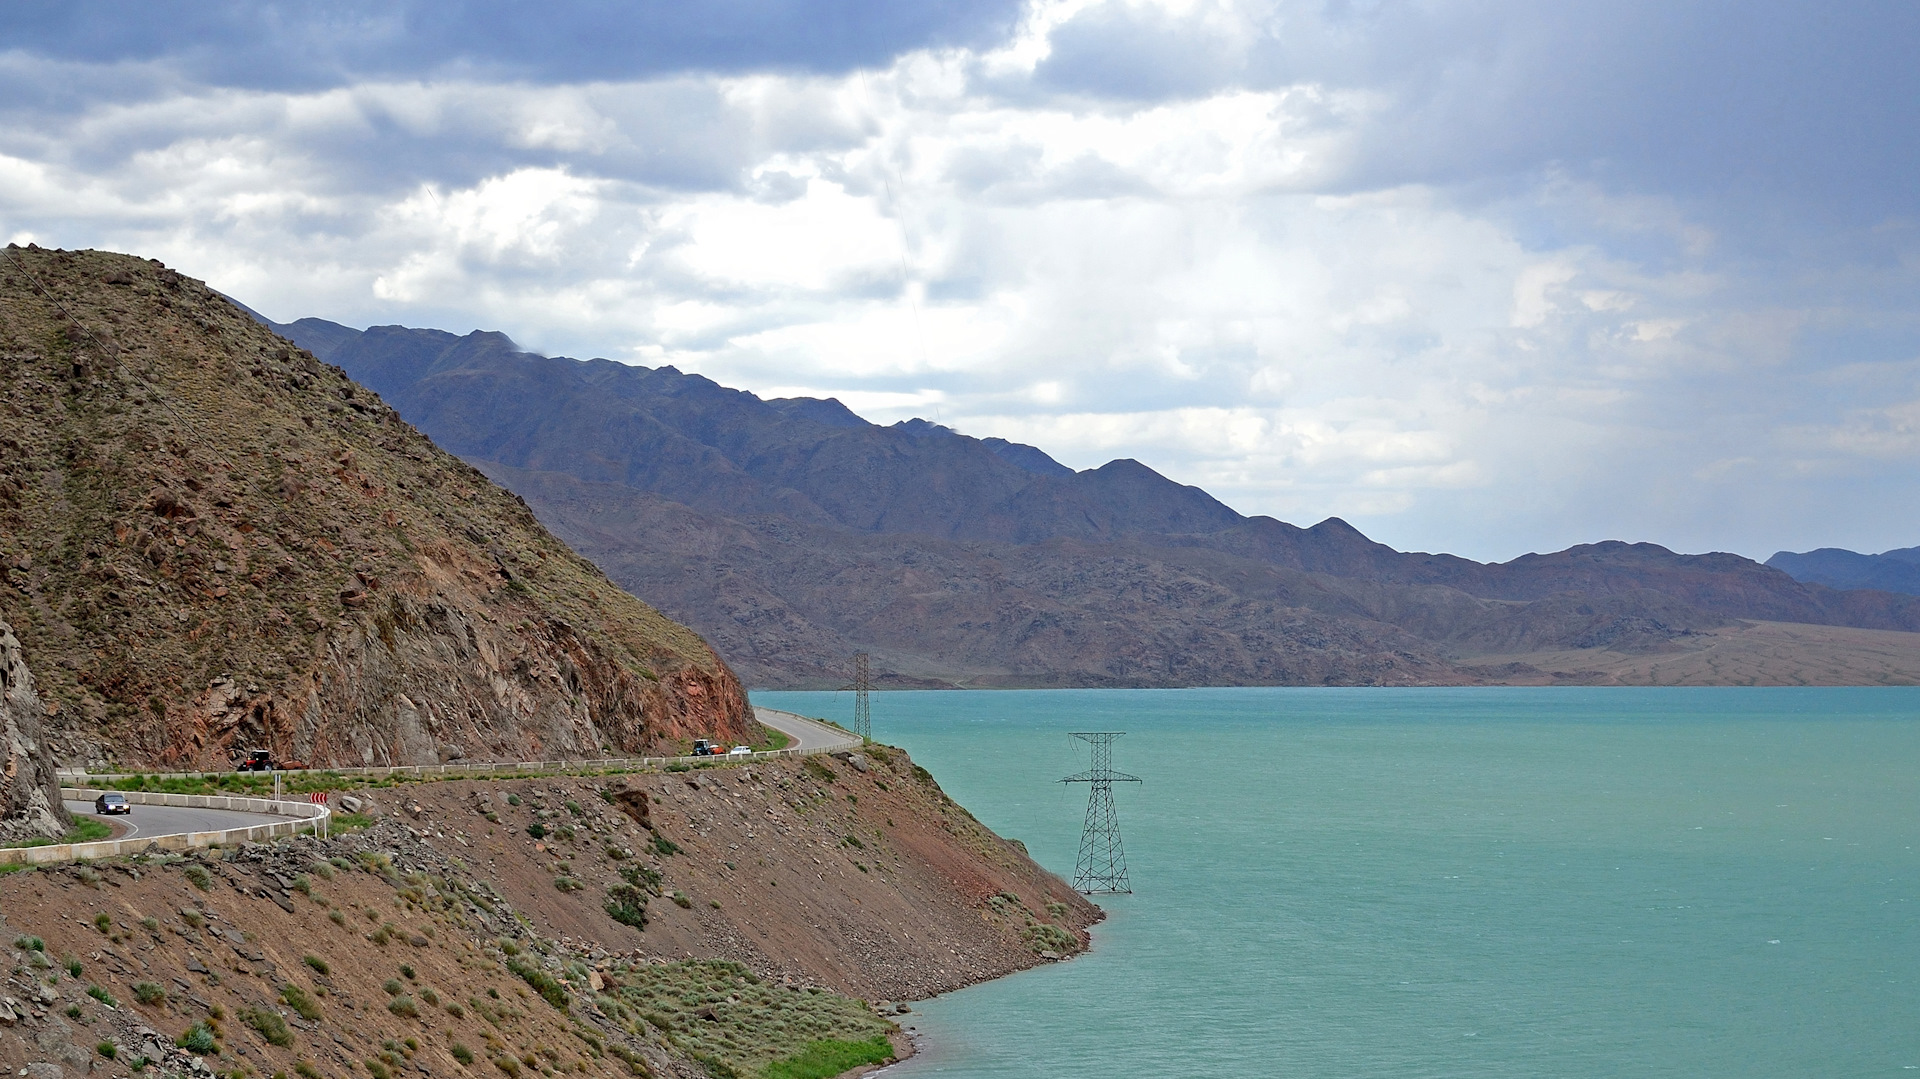 Казахстан и Кыргызстан совместно проверят безопасность двух водохранилищ